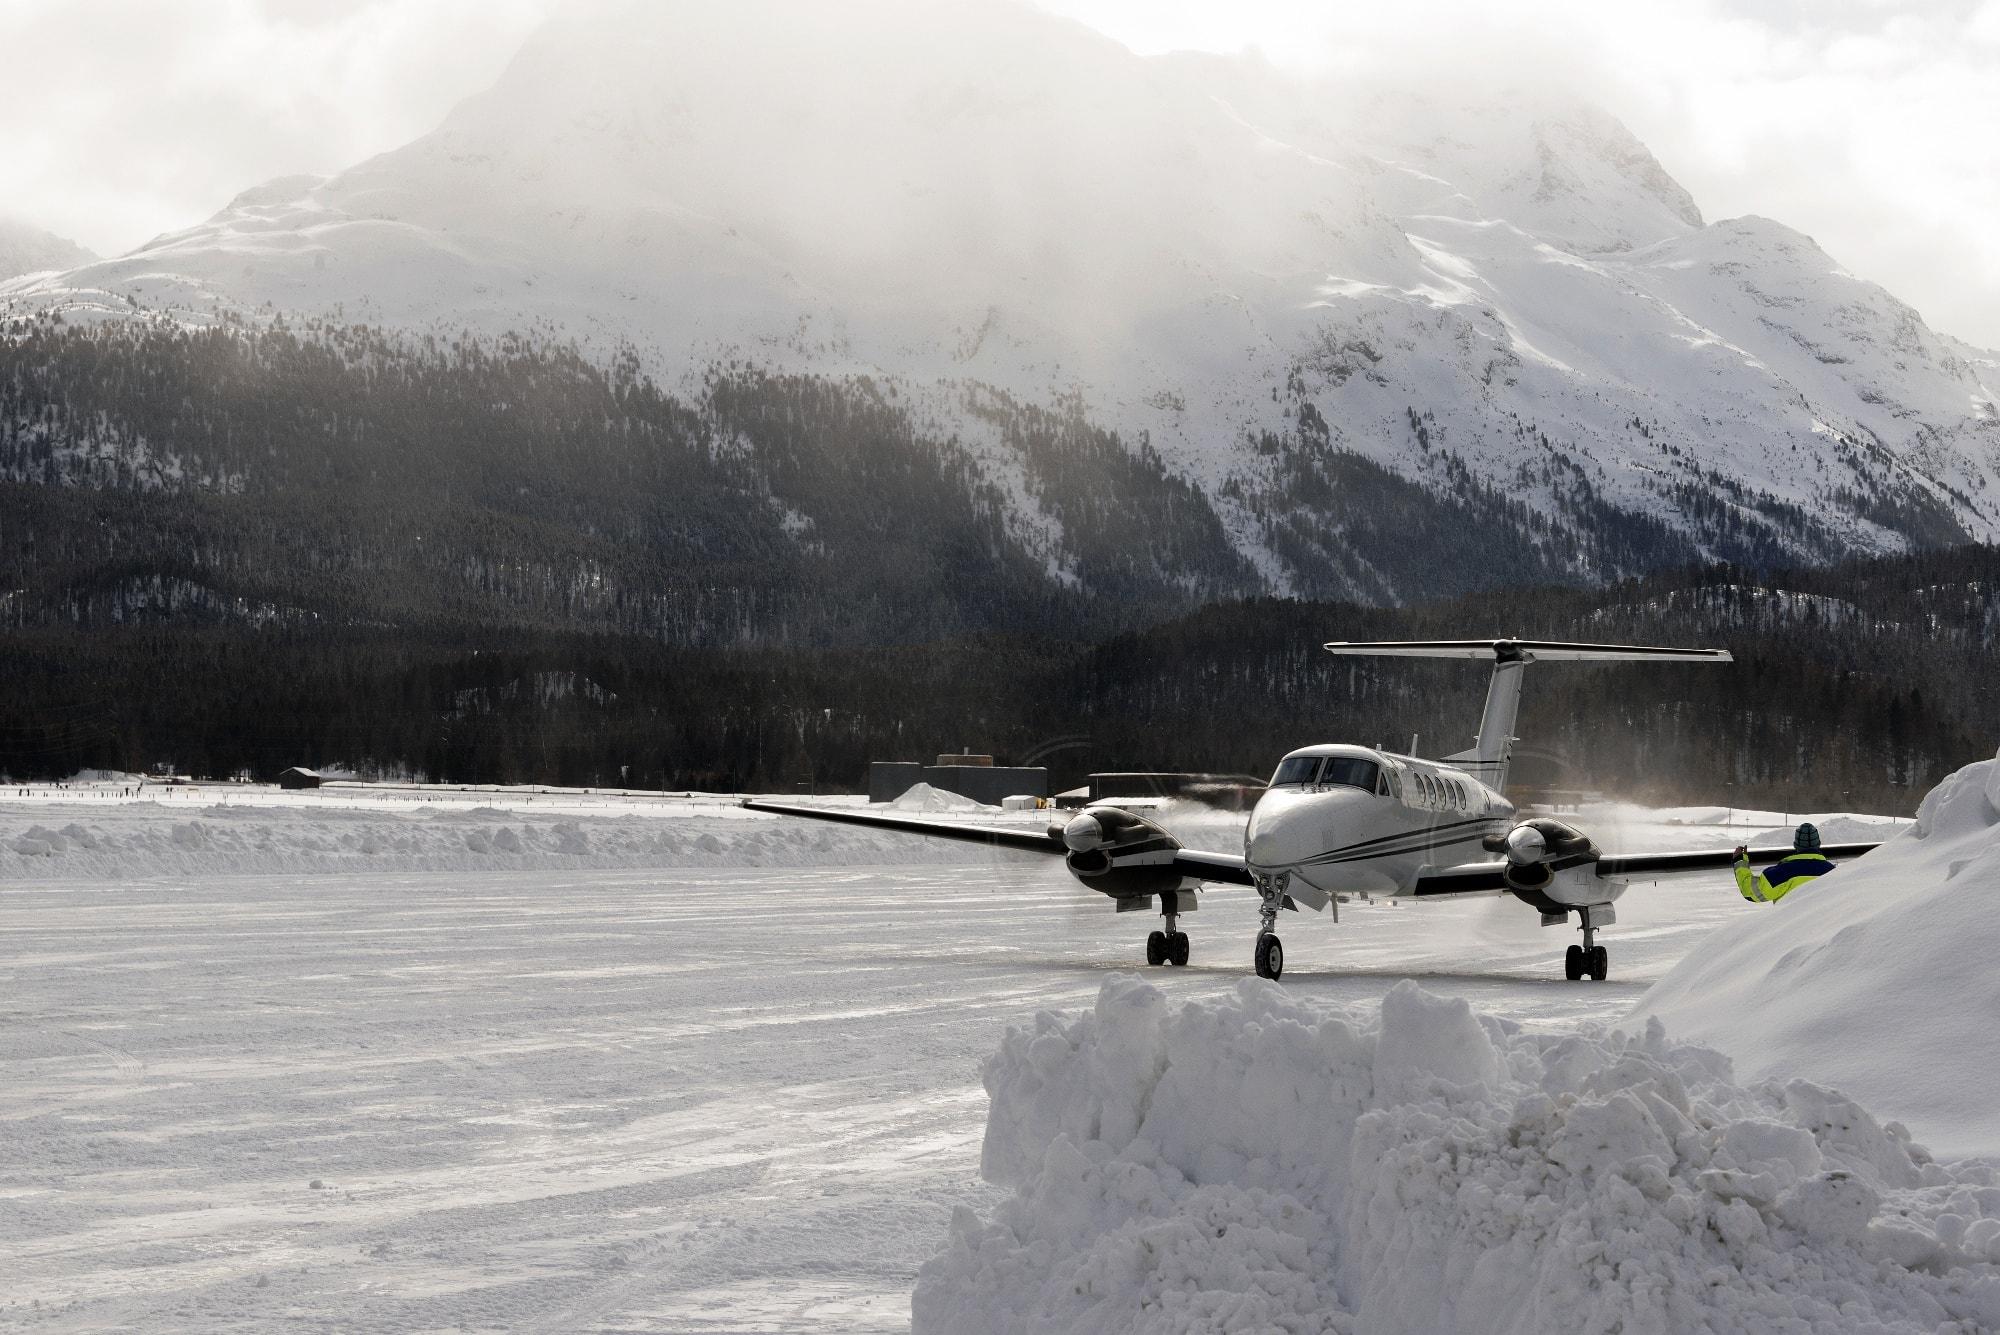 Privajet landet in St. Moritz im Schnee